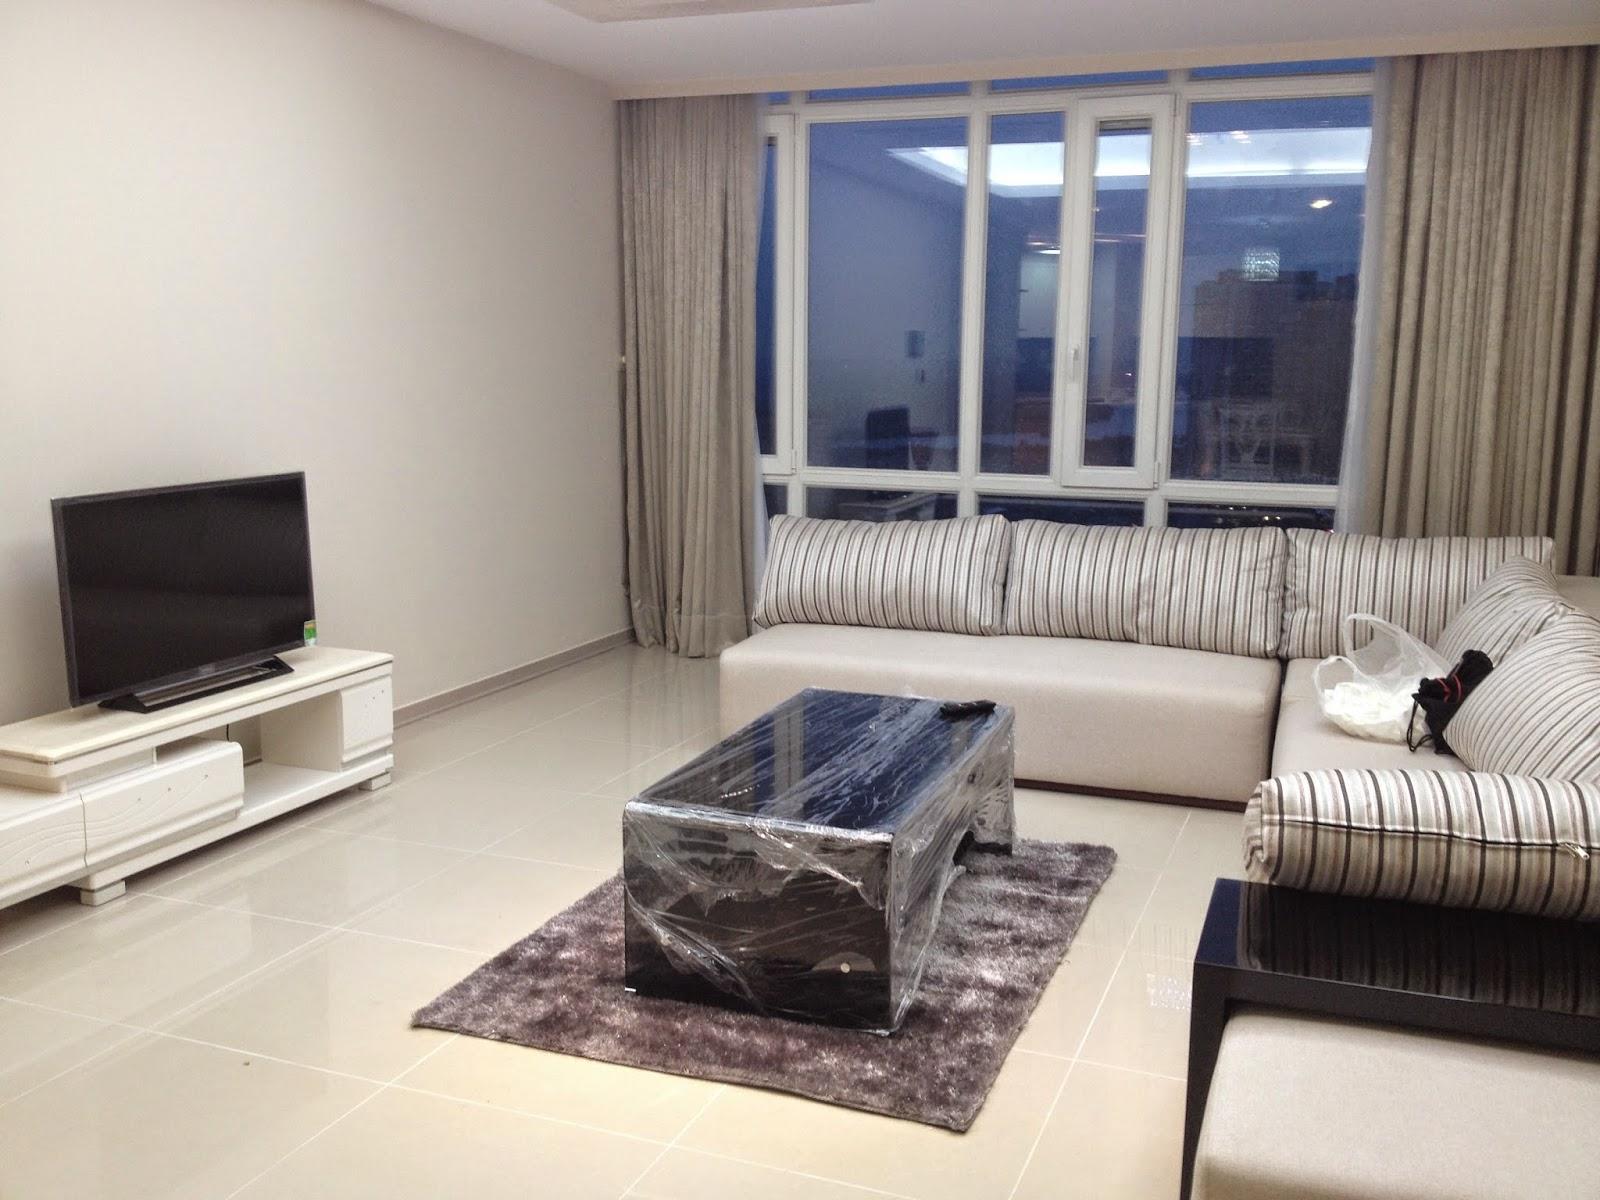 Phòng khách căn hộ Imperia An Phú 3 phòng ngủ cho thuê